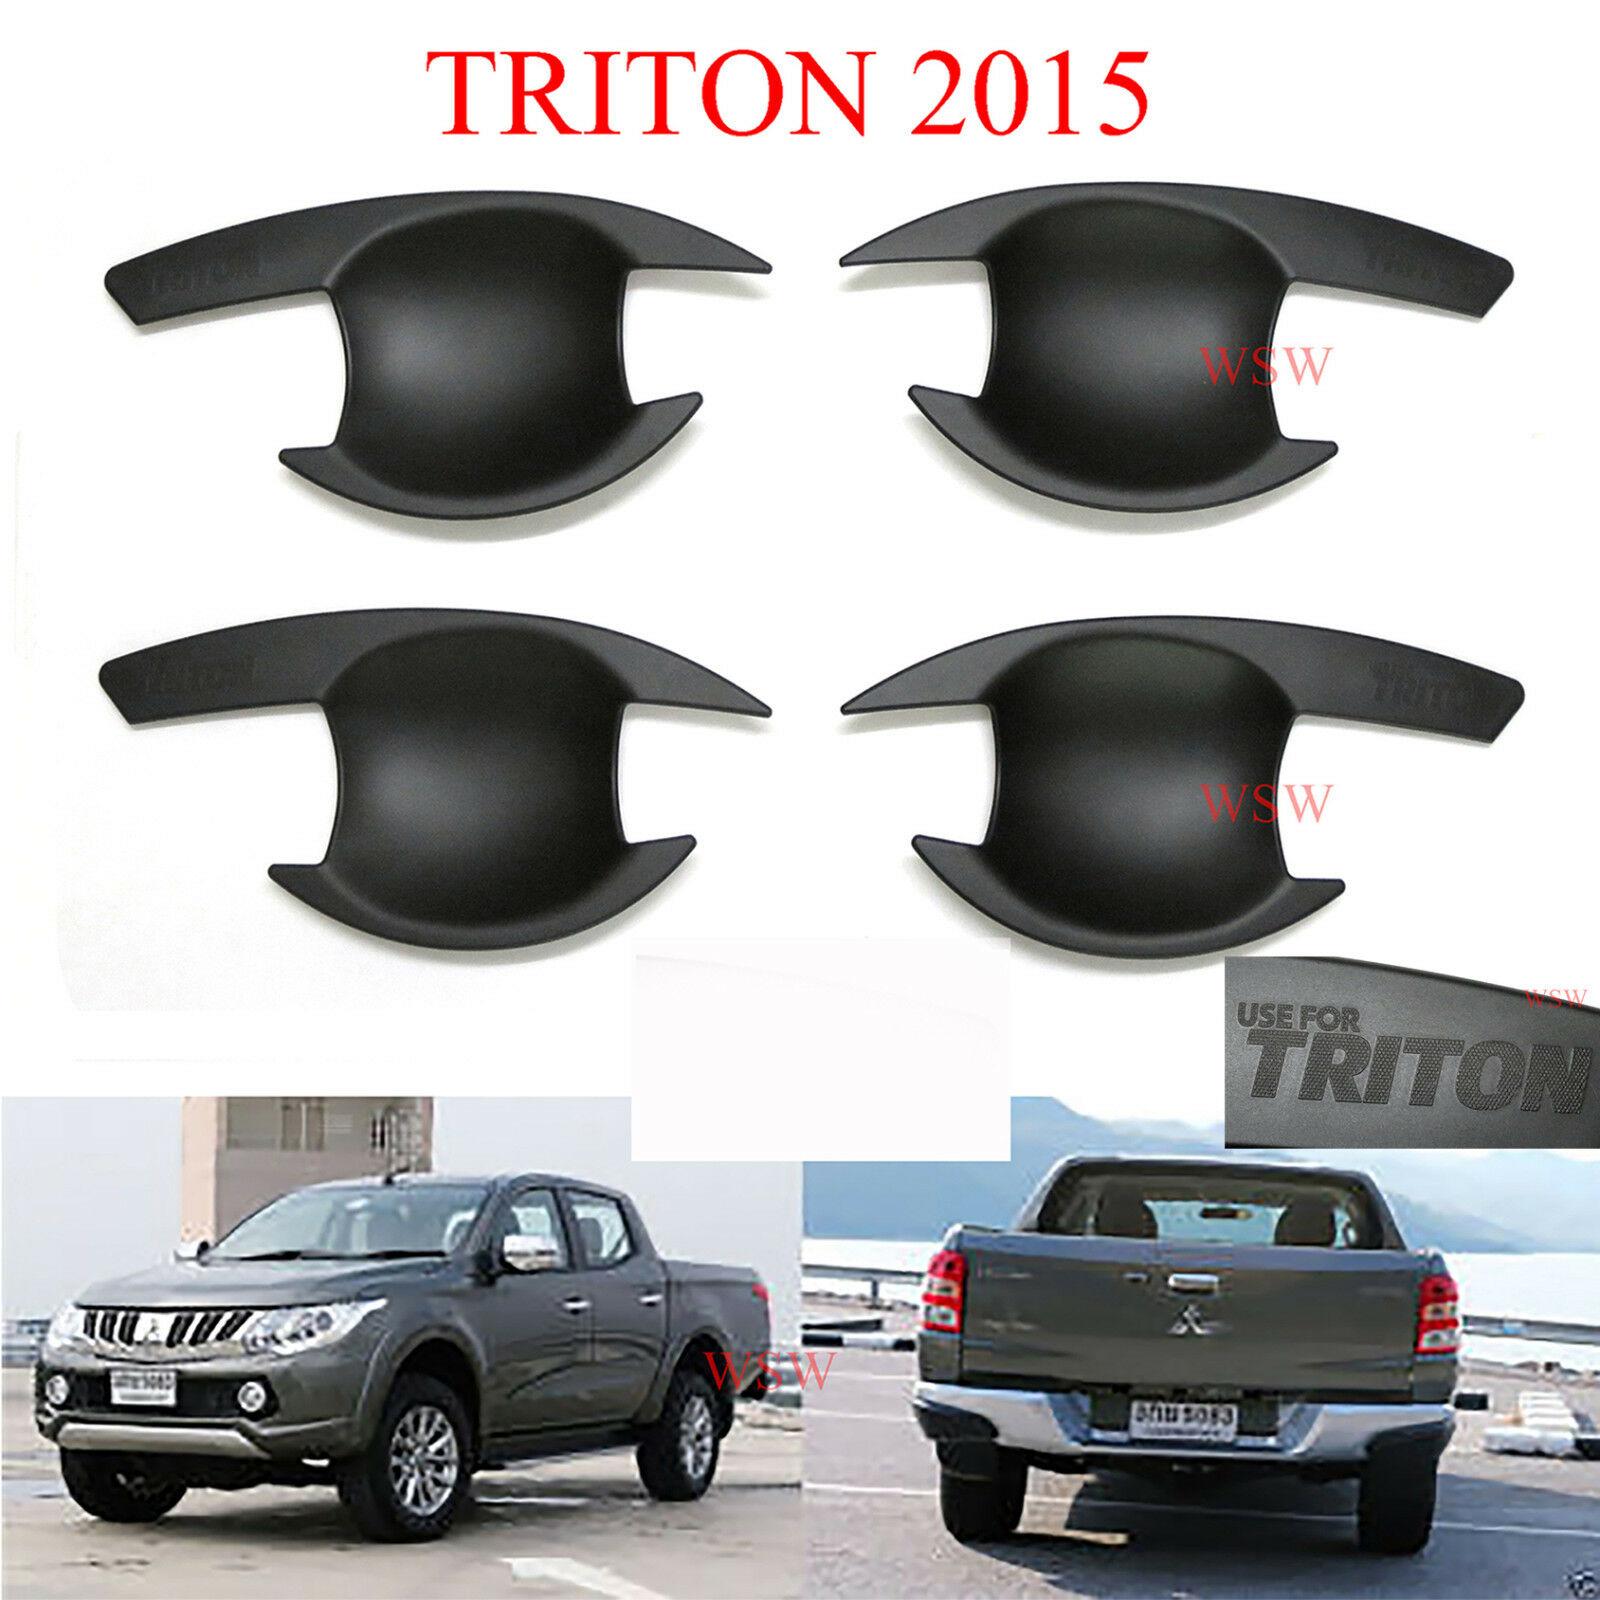 Door Handel Bowls/Inserts For Mitsubishi L200 Triton 2015